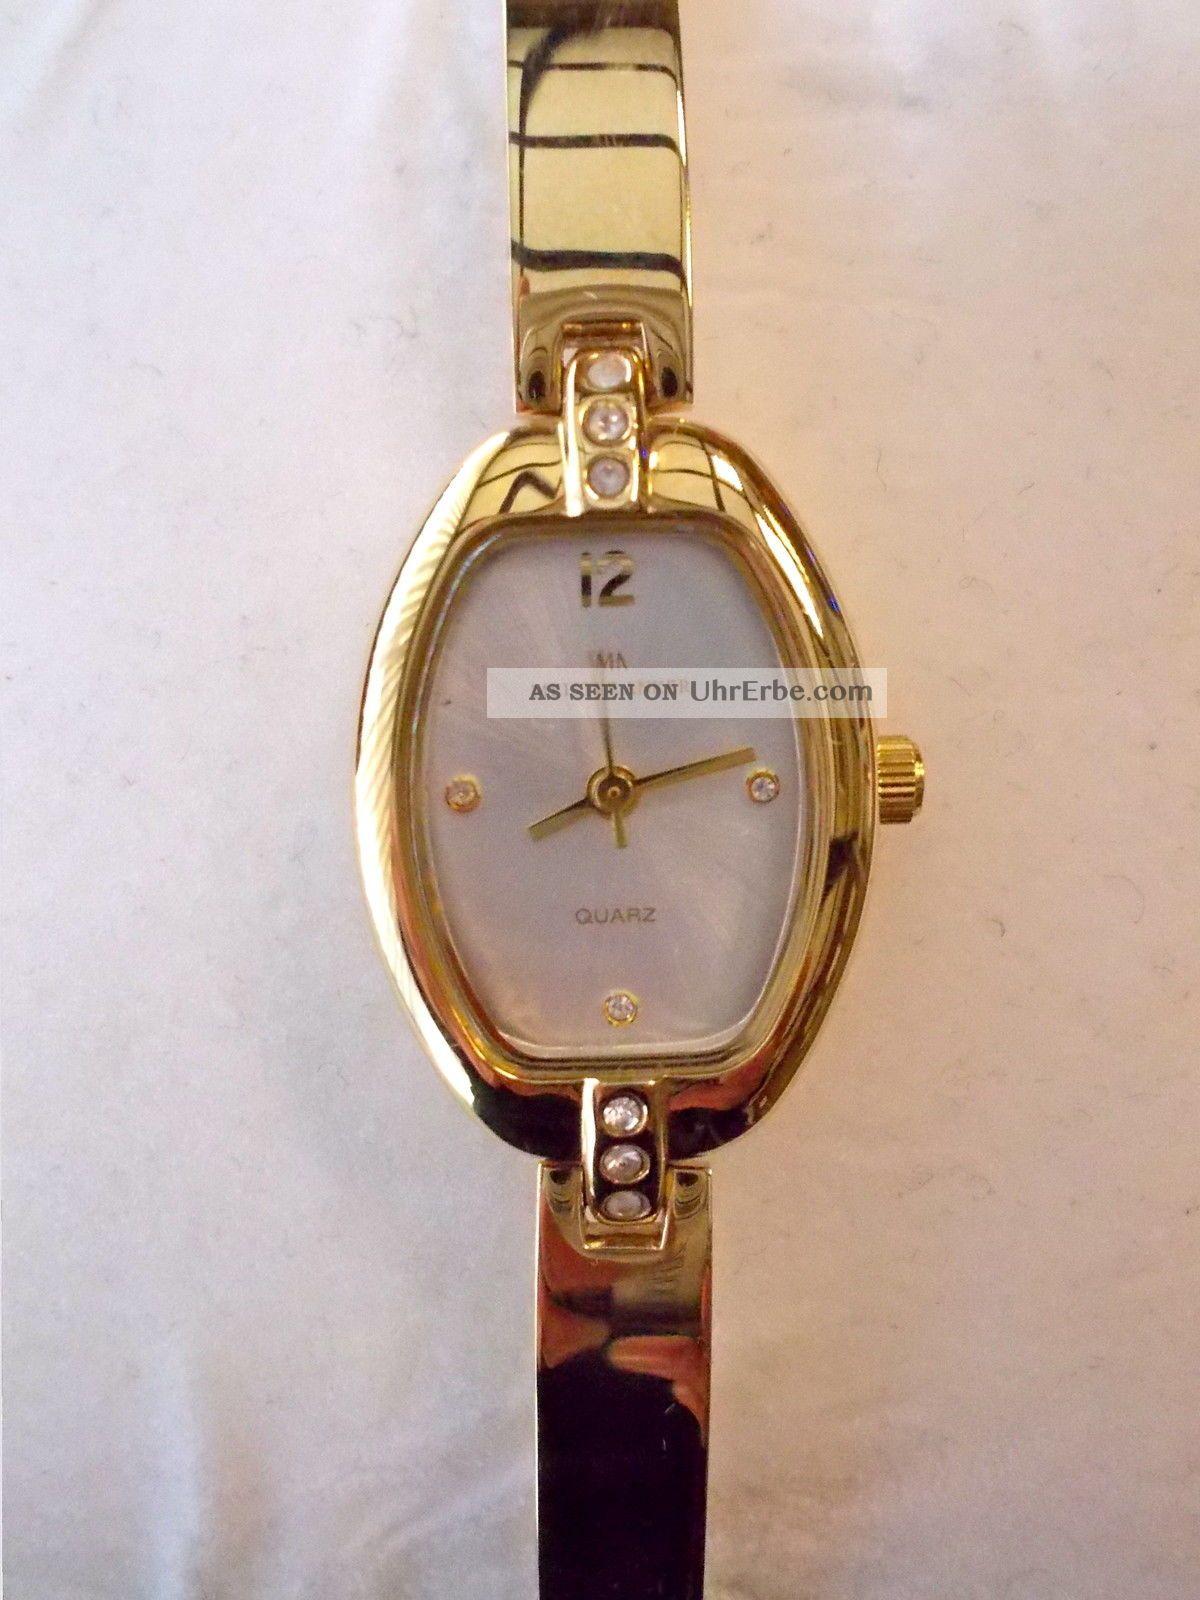 Vergoldete Meister Anker 087.  152 5/243 Quarz Damenuhr Armband Uhr Edelstahl Armbanduhren Bild